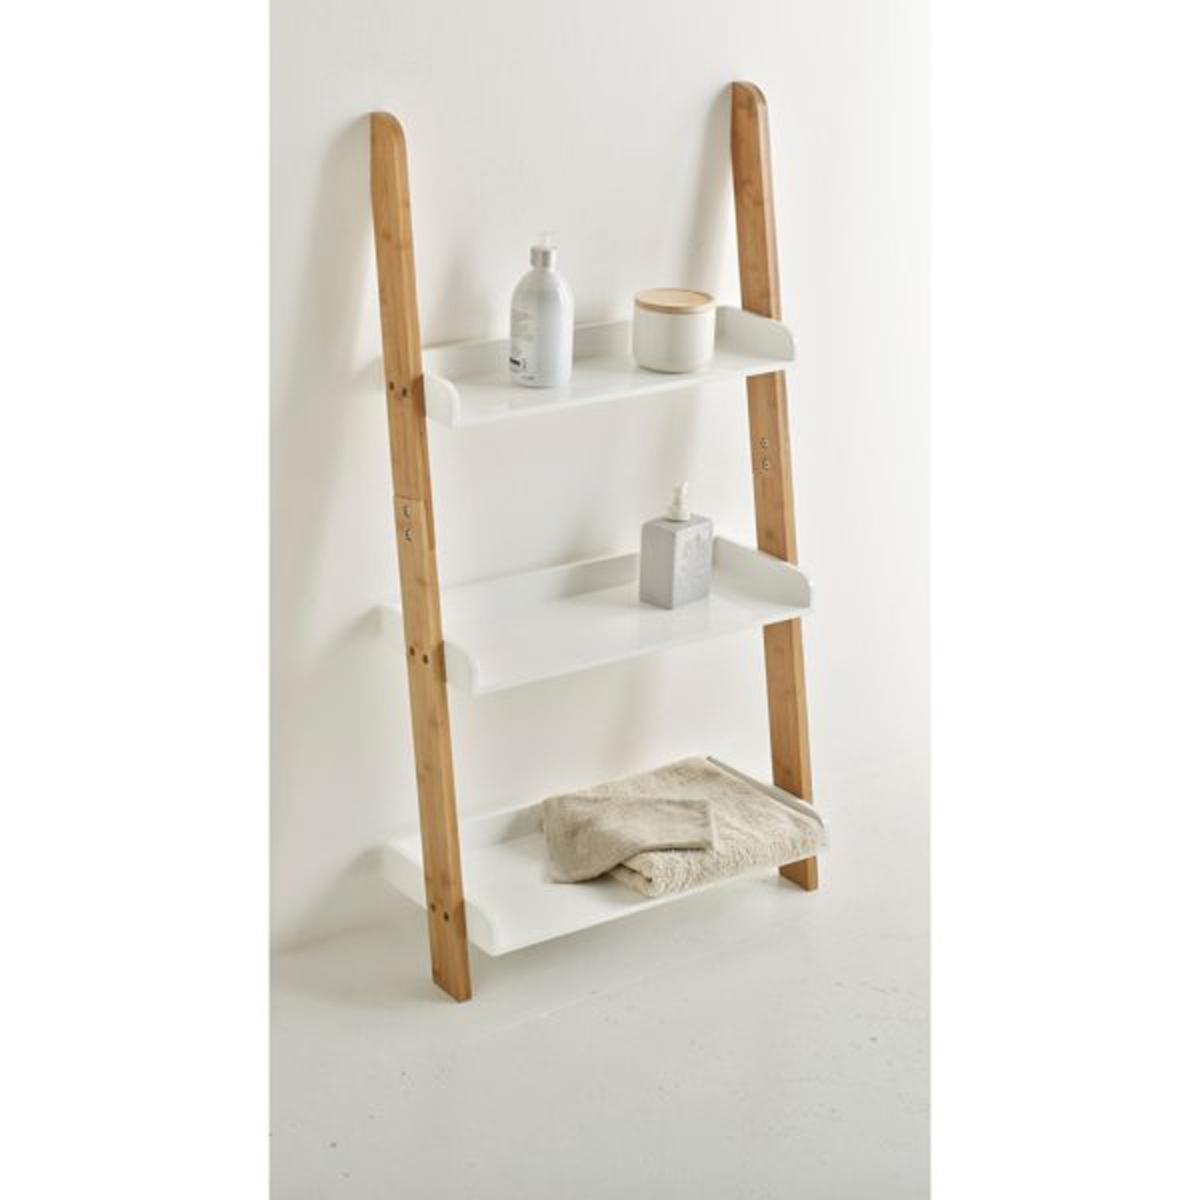 Этажерка для ванной комнаты с 3 полками, бамбук, LINDUS